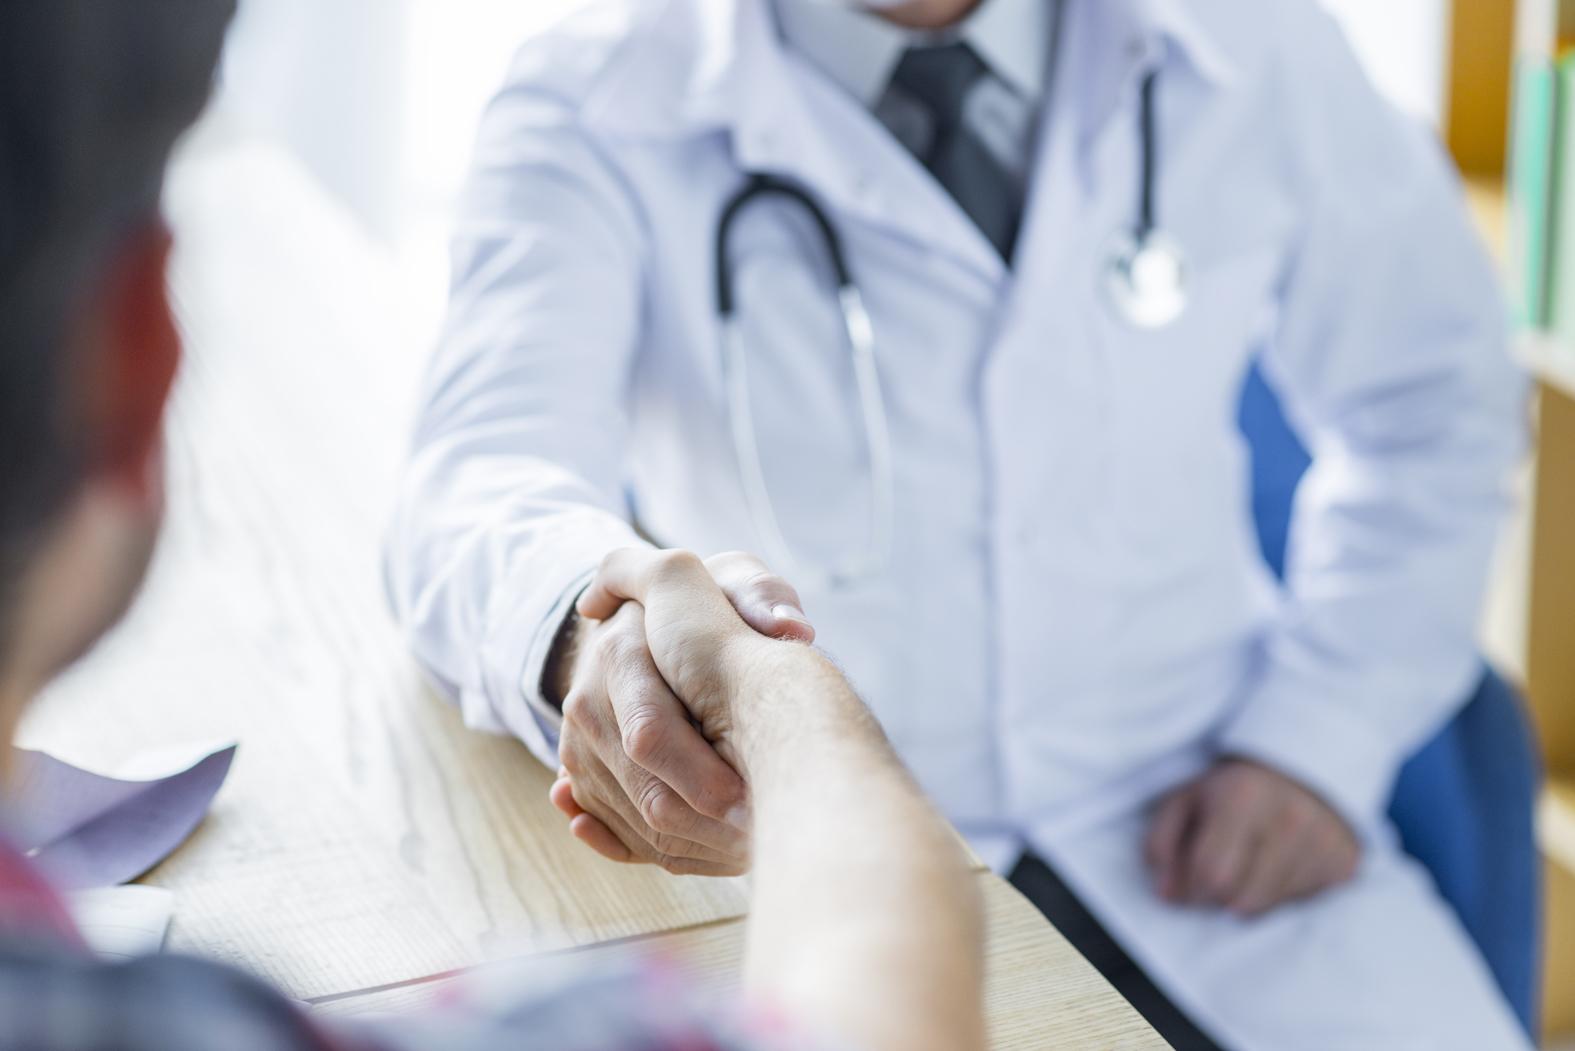 Plano de saúde: tire todas as suas dúvidas sobre o assunto